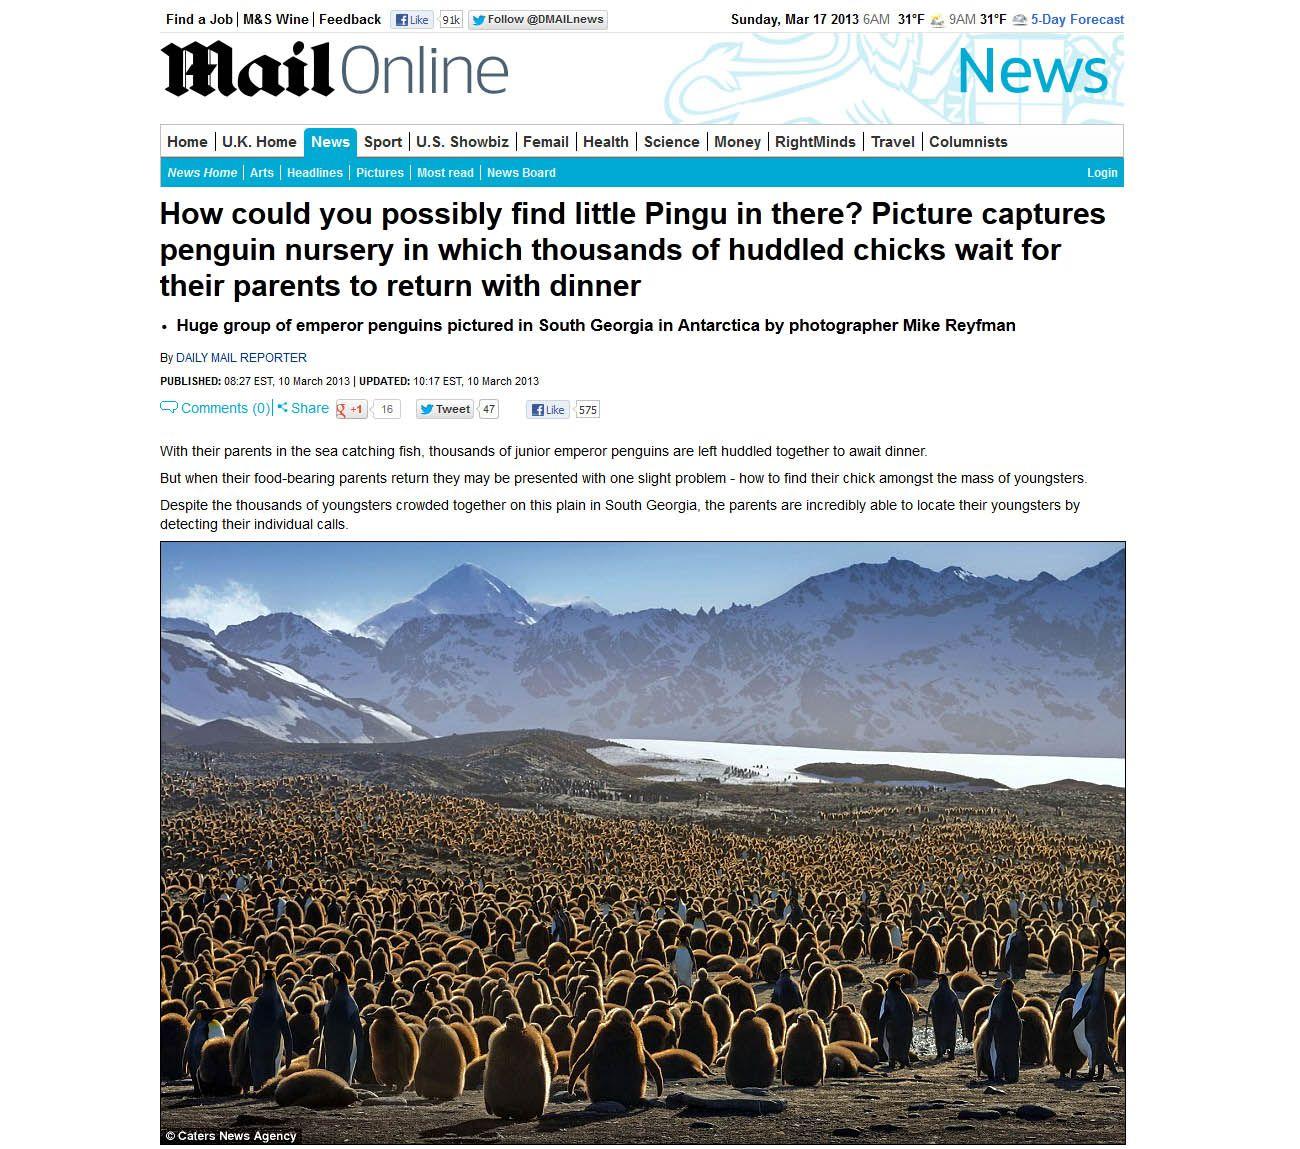 """И немного о грустном. Законтачило меня британское новостное агентство, снабжающее новостями британскую (и не только) прессу. Очень им птенцы пингвинячьи понравились. Давай, говорят, мы сделаем материал и предложим его разным изданиям. Чего-то вместе заработаем. От меня требовалось только фотографии под печать и я согласился. Попутно я послал англичанам коротенькую историю, которая у меня уже была и спросил, не нужно-ли подготовить фото для веба.  Нет, сказали англичане, фотографии нам не нужны и историю мы напишем сами. Позвонил мне их """"писатель"""" - взял интрвью. Я ему подробно все рассказал....  Первая публикация появилась в Дэйли Мэйл... С удивлением обнаружил, что мои королевские пингвины стали императорскими, переселились в Антарктиду а что стало с фотографиями :((( можно посмотреть на линке в первом комментарии."""